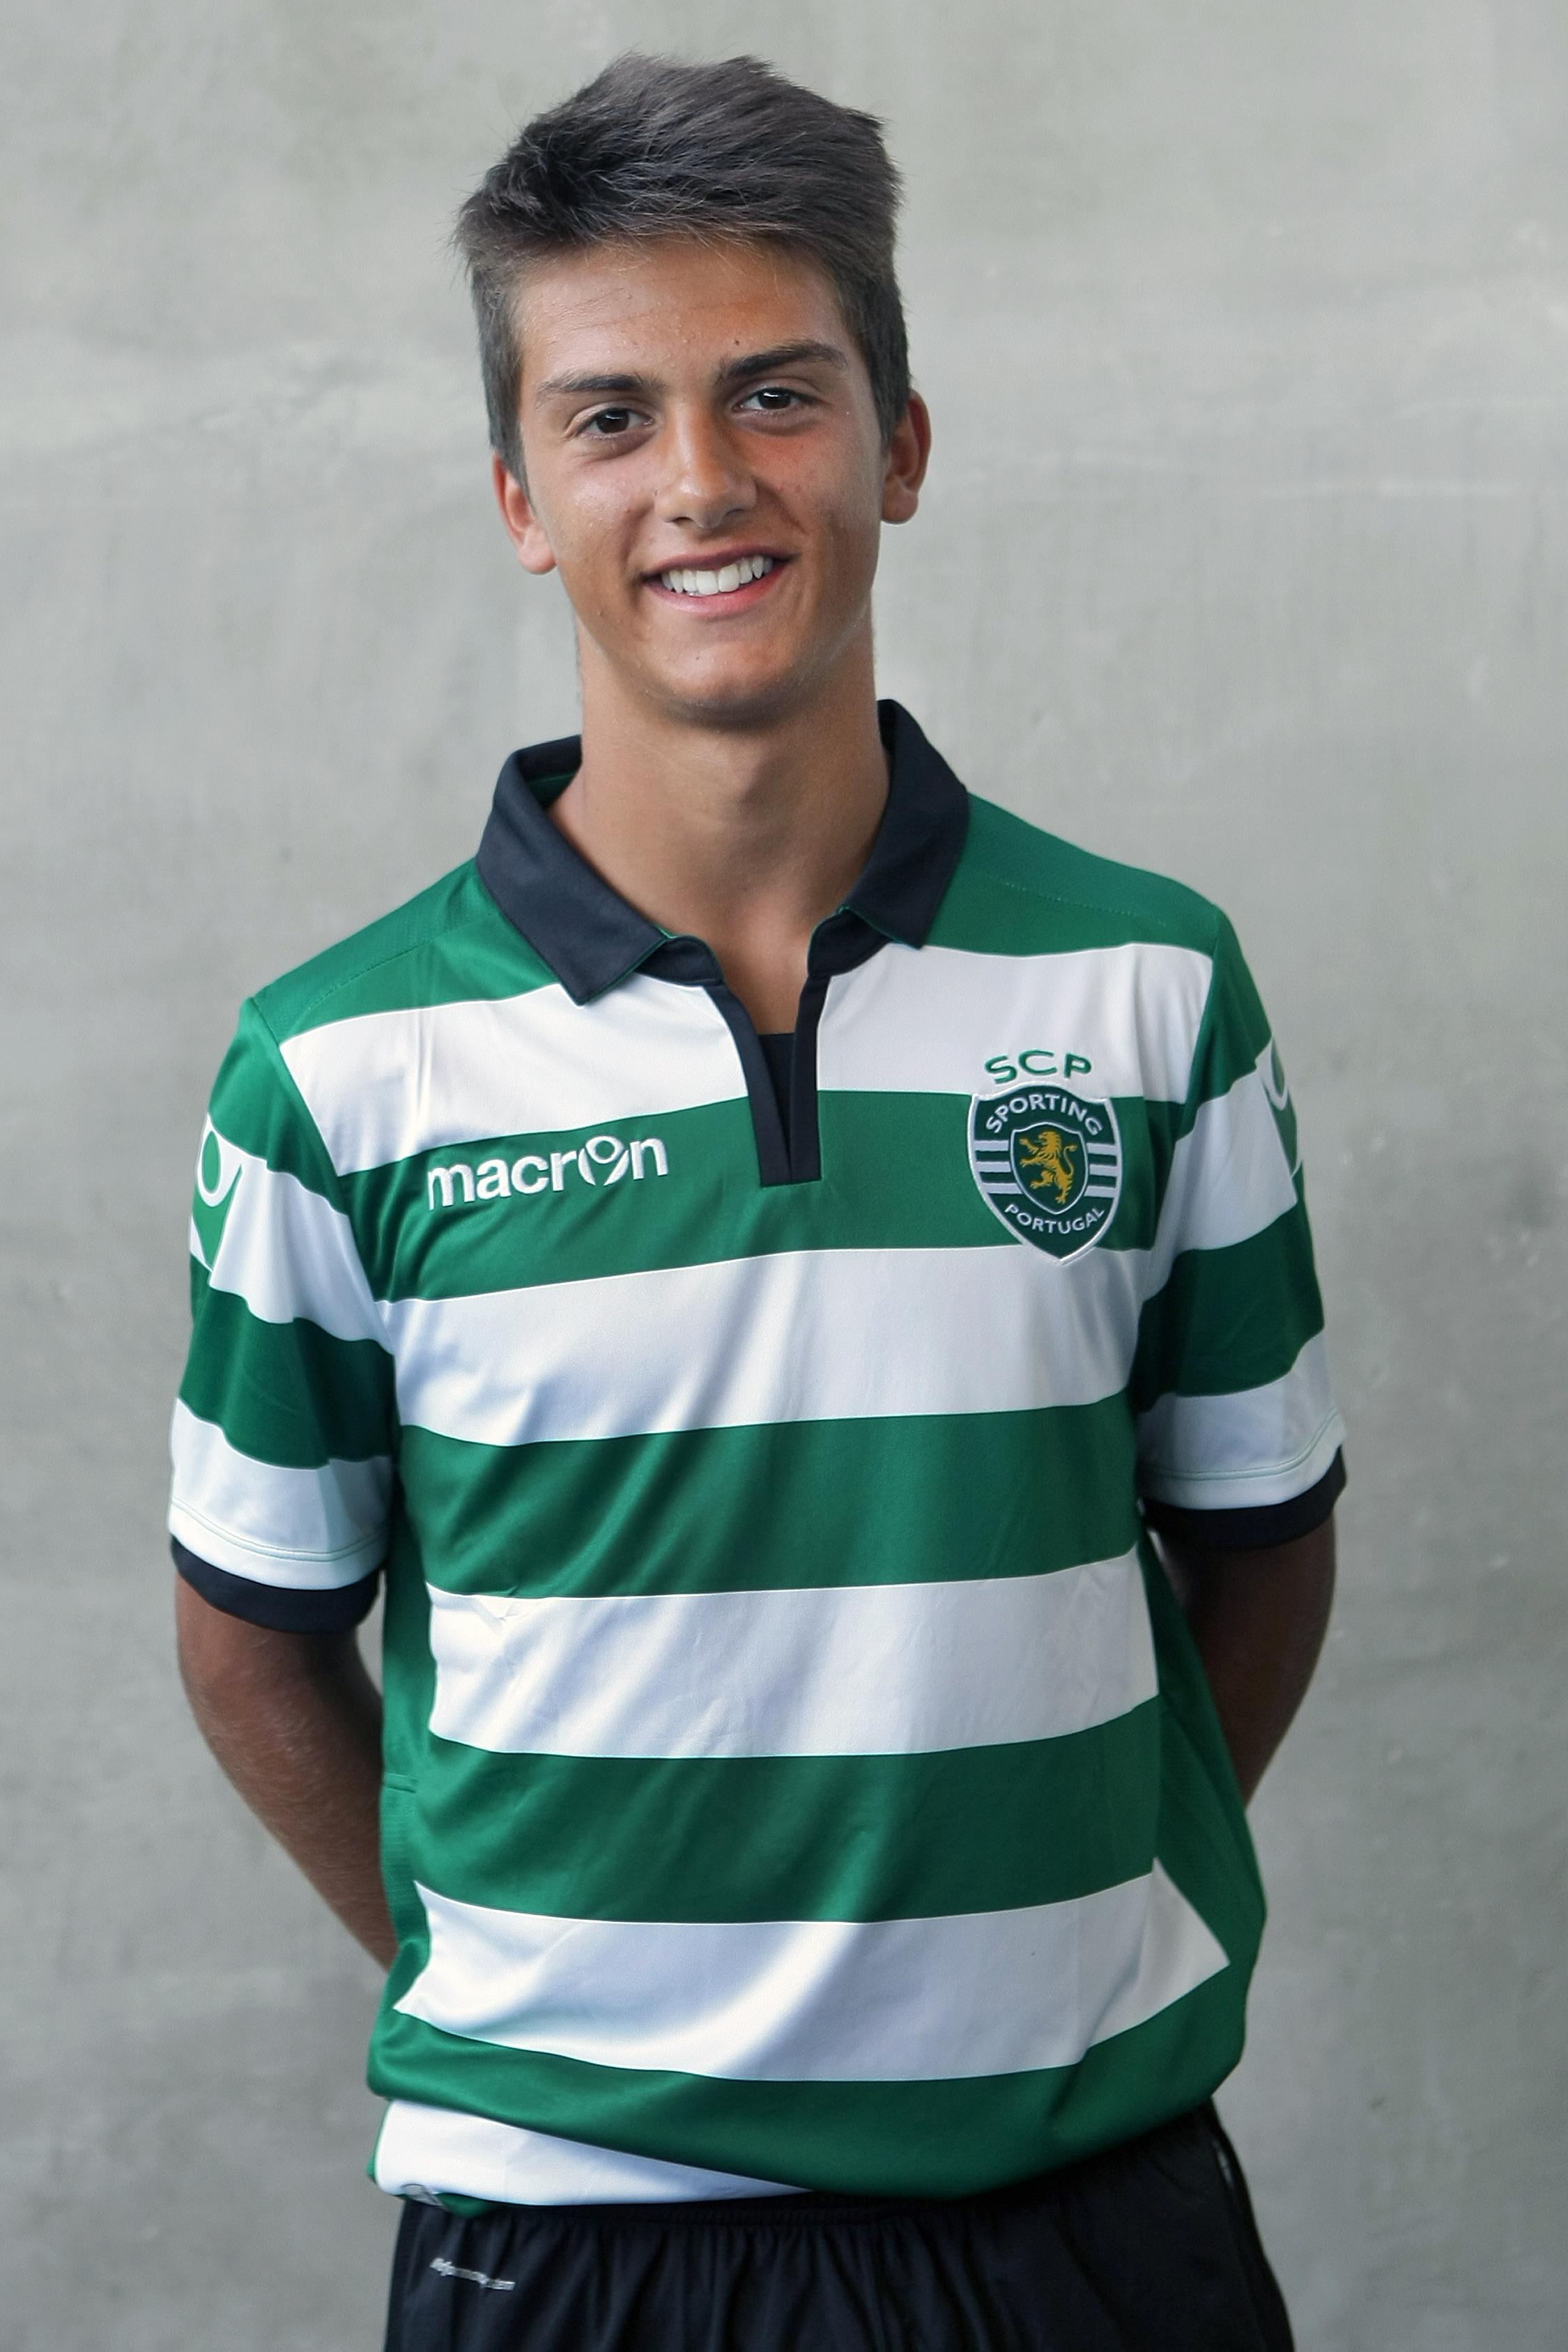 João Pedro Cortêz Ferreira